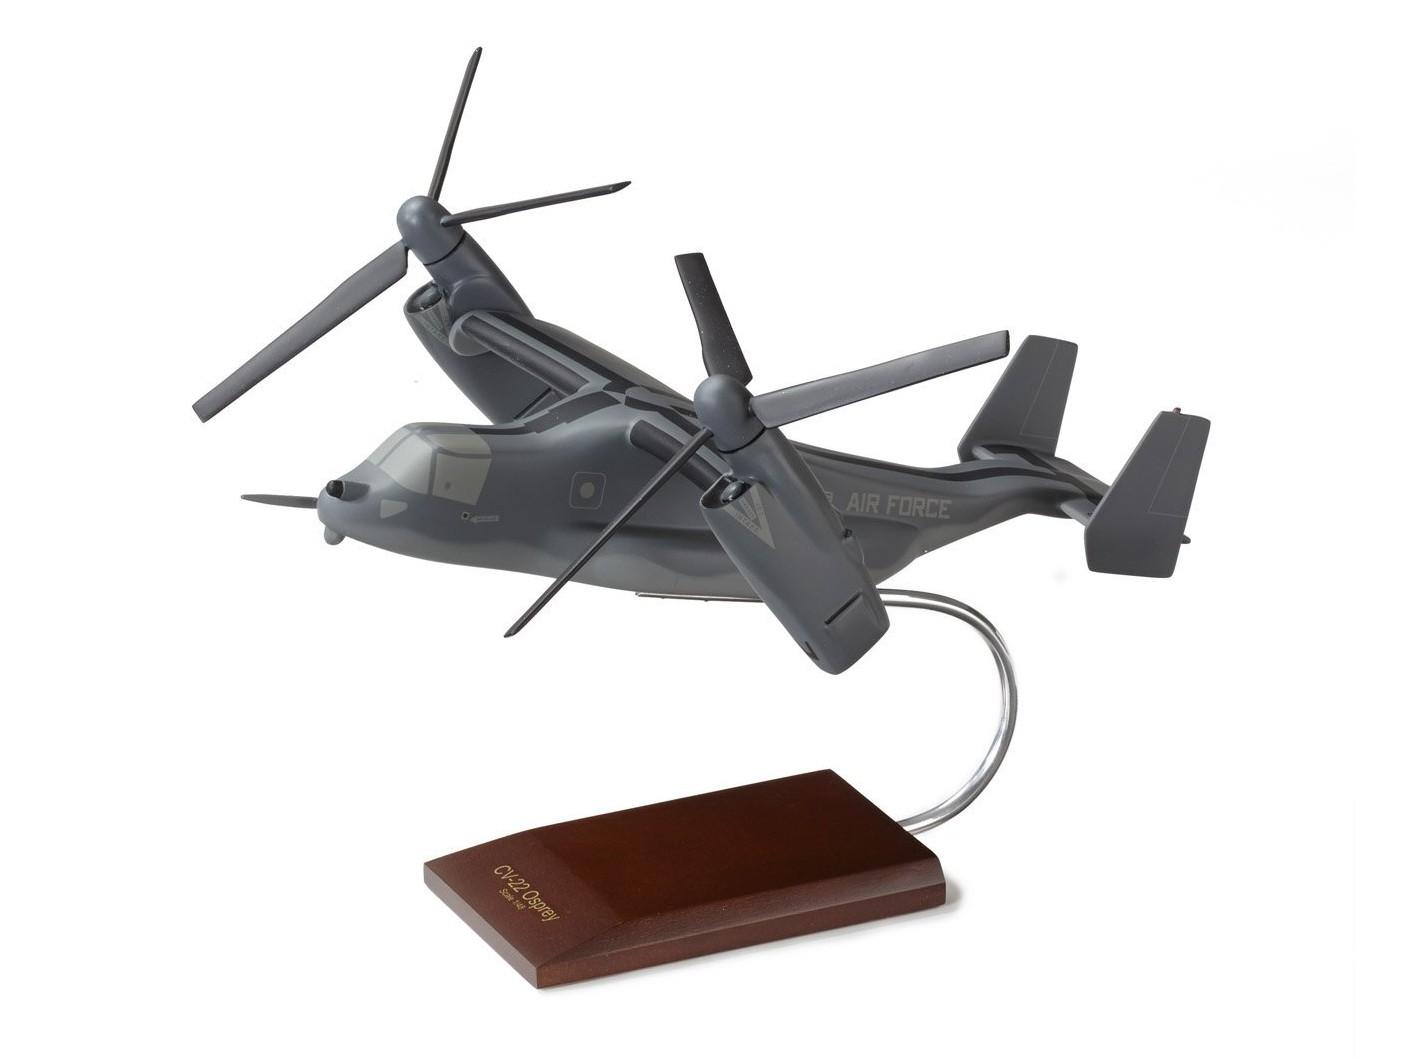 ボーイング CV-22 Osprey Air Force Model ダイキャスト, 福岡江久母:9f905383 --- telephonica.jp